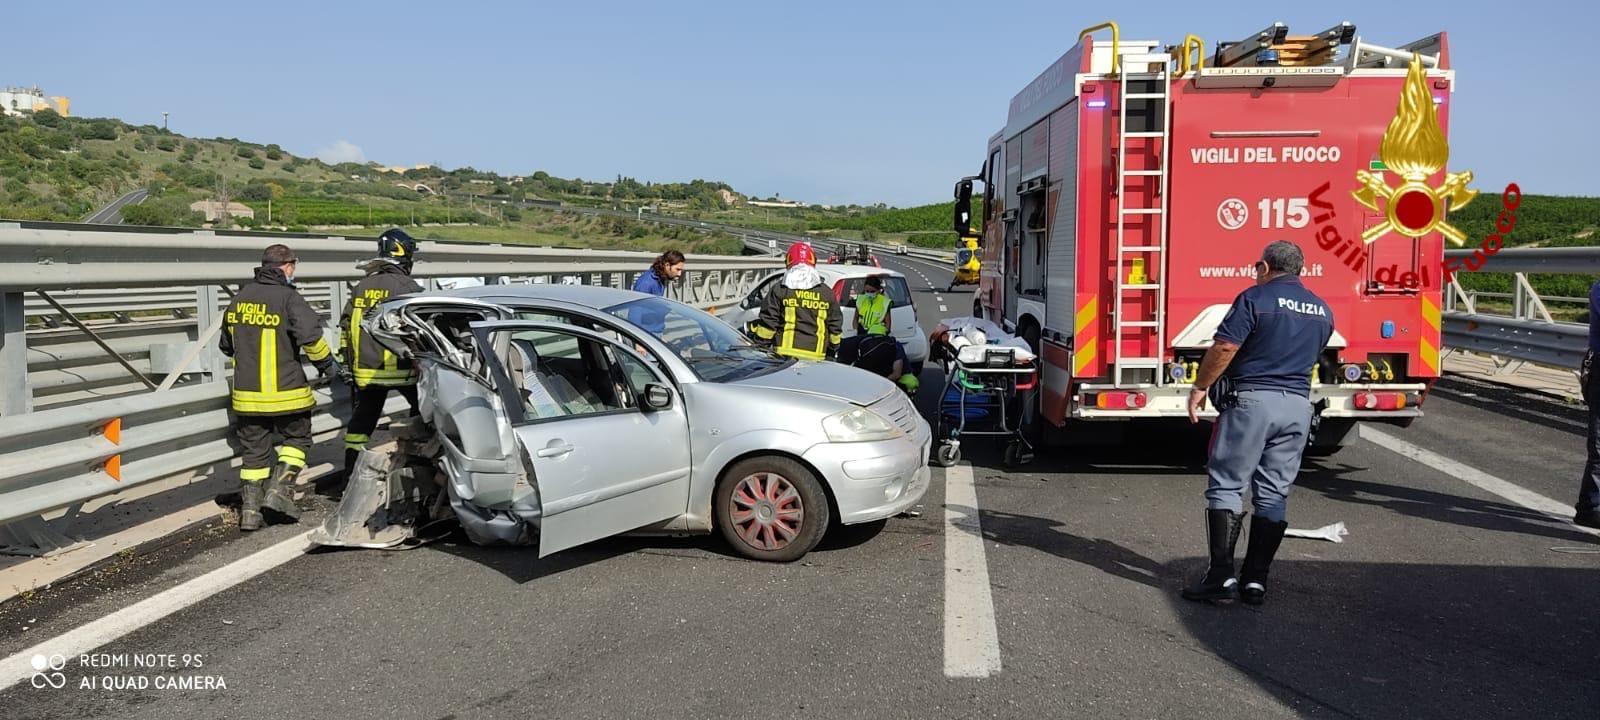 Scontro sull'autostrada Siracusa - Catania: muore un 70enne di Palazzolo